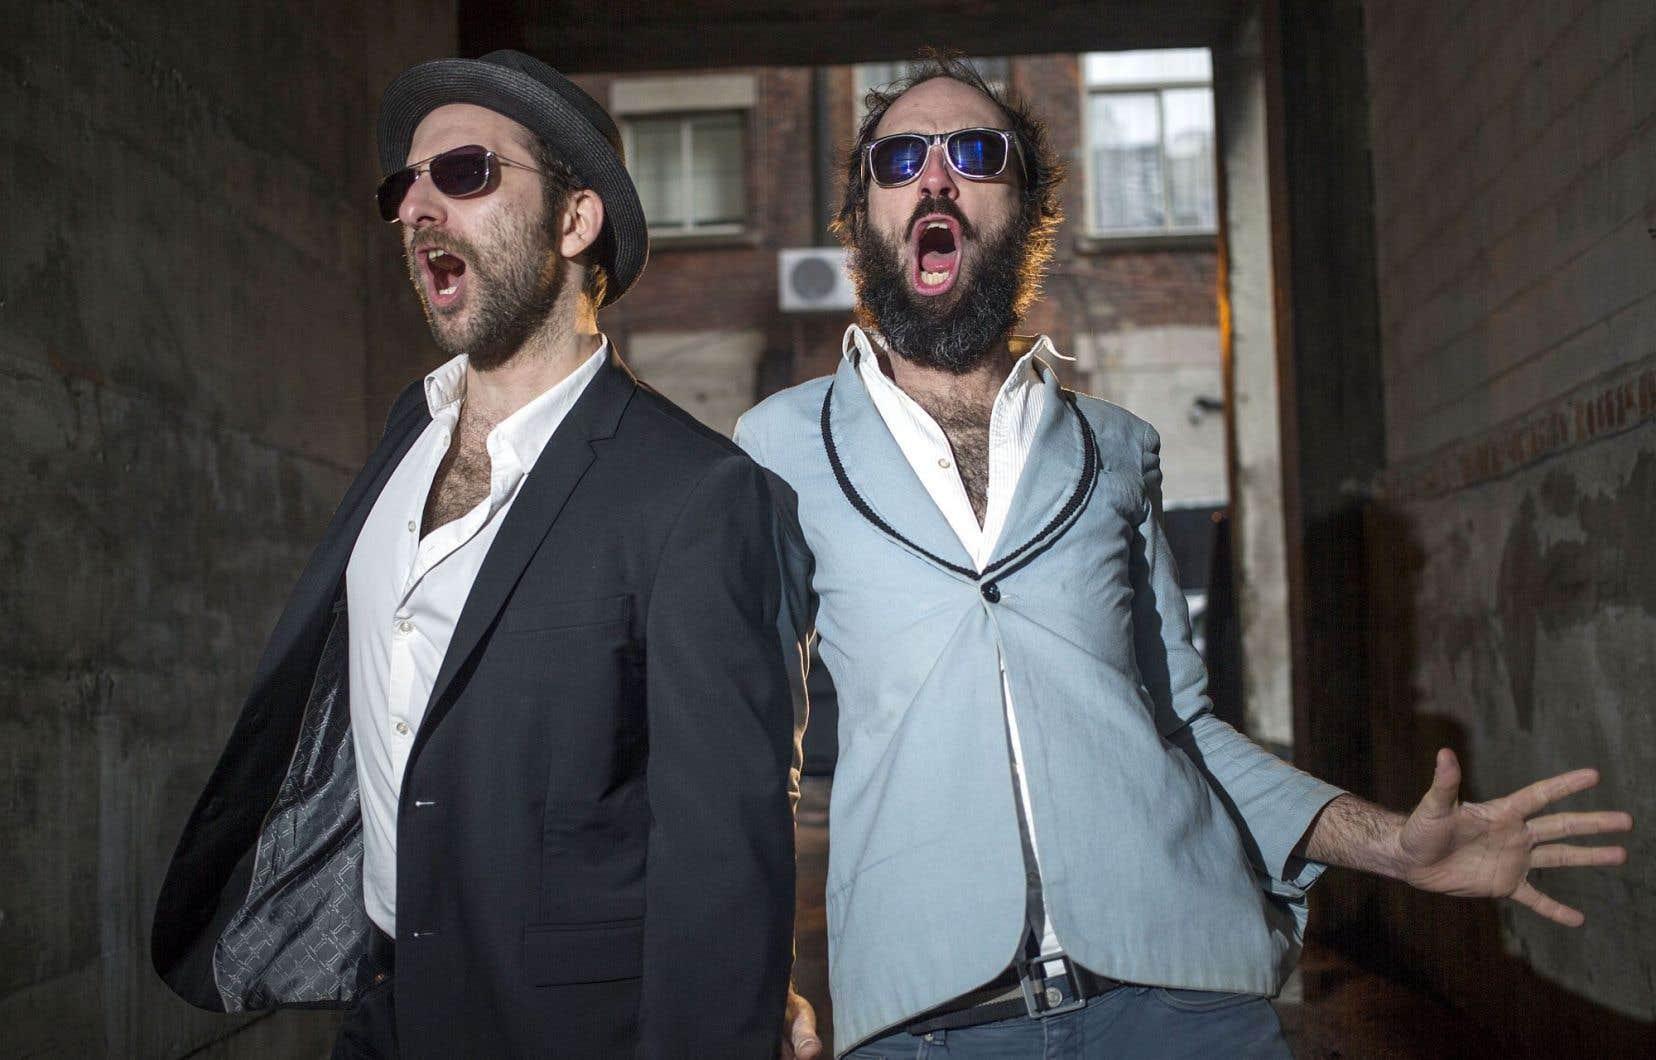 Sèxe Illégal dans toute sa splendeur: Tony Légal (Philippe Cigna) et Paul Sèxe (Mathieu Séguin)